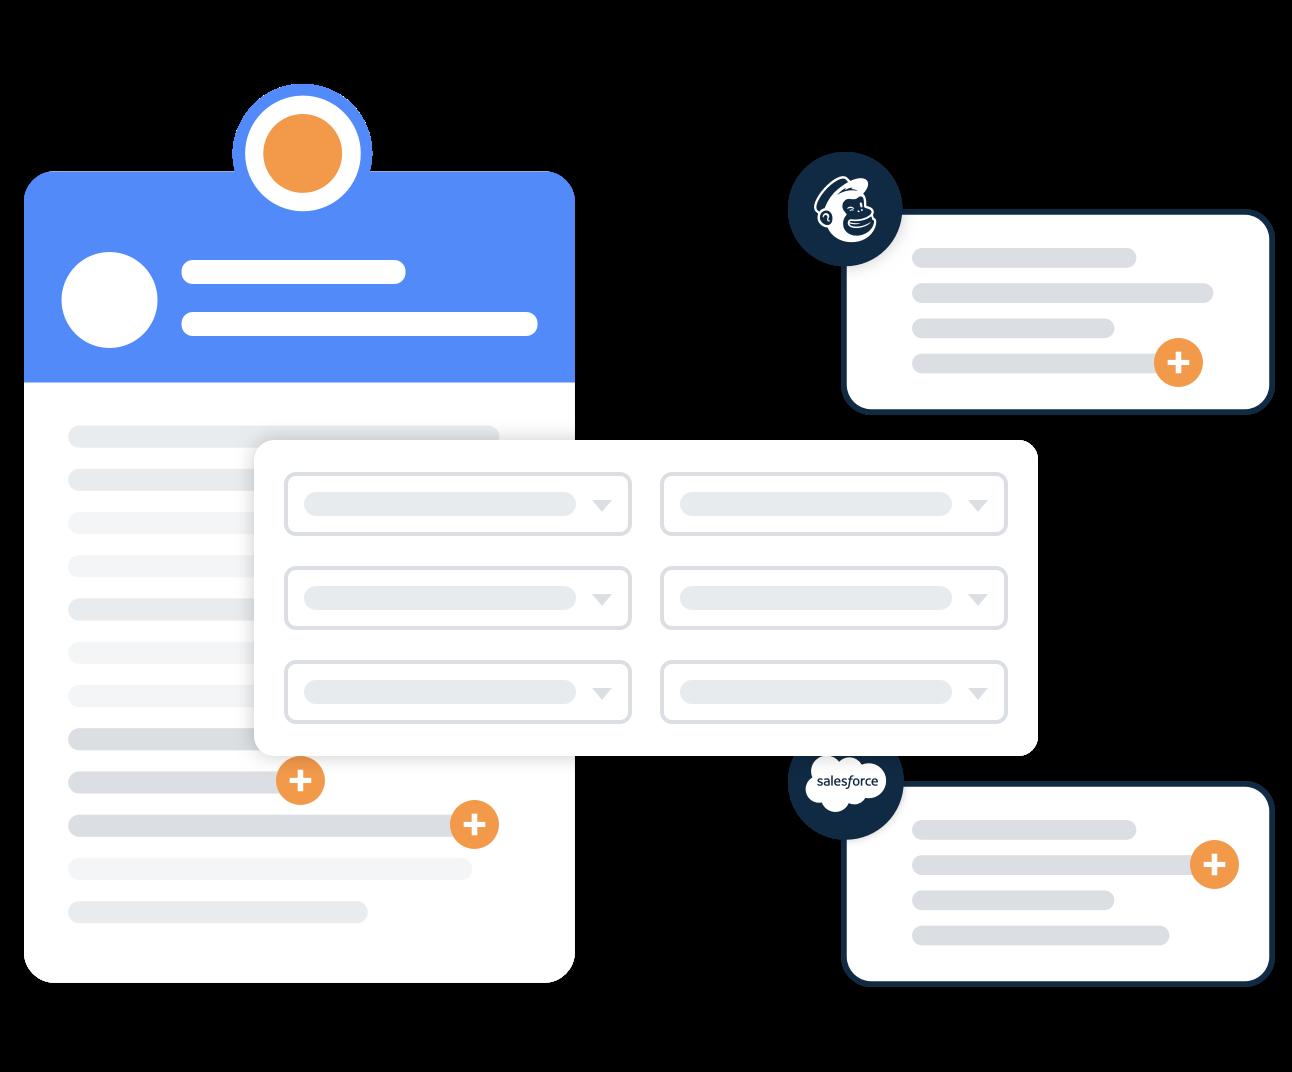 Share Customer Data